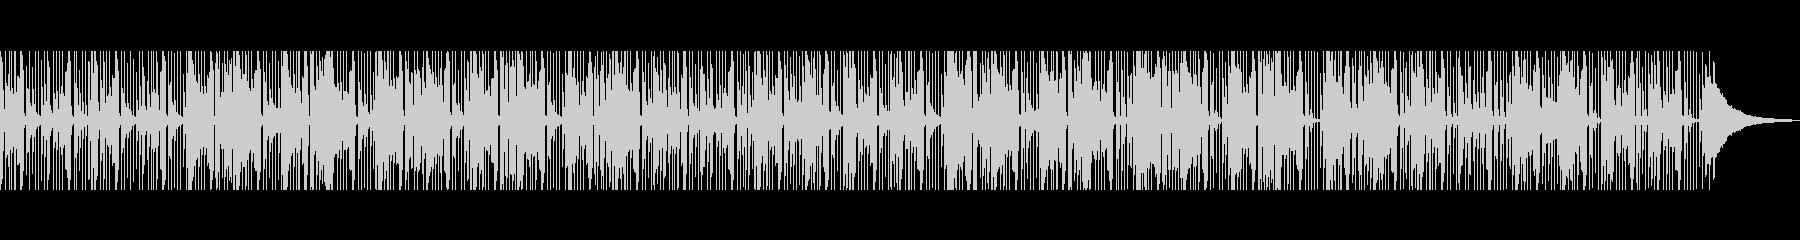 ほのぼの 素朴でゆったりとしたアコギの未再生の波形